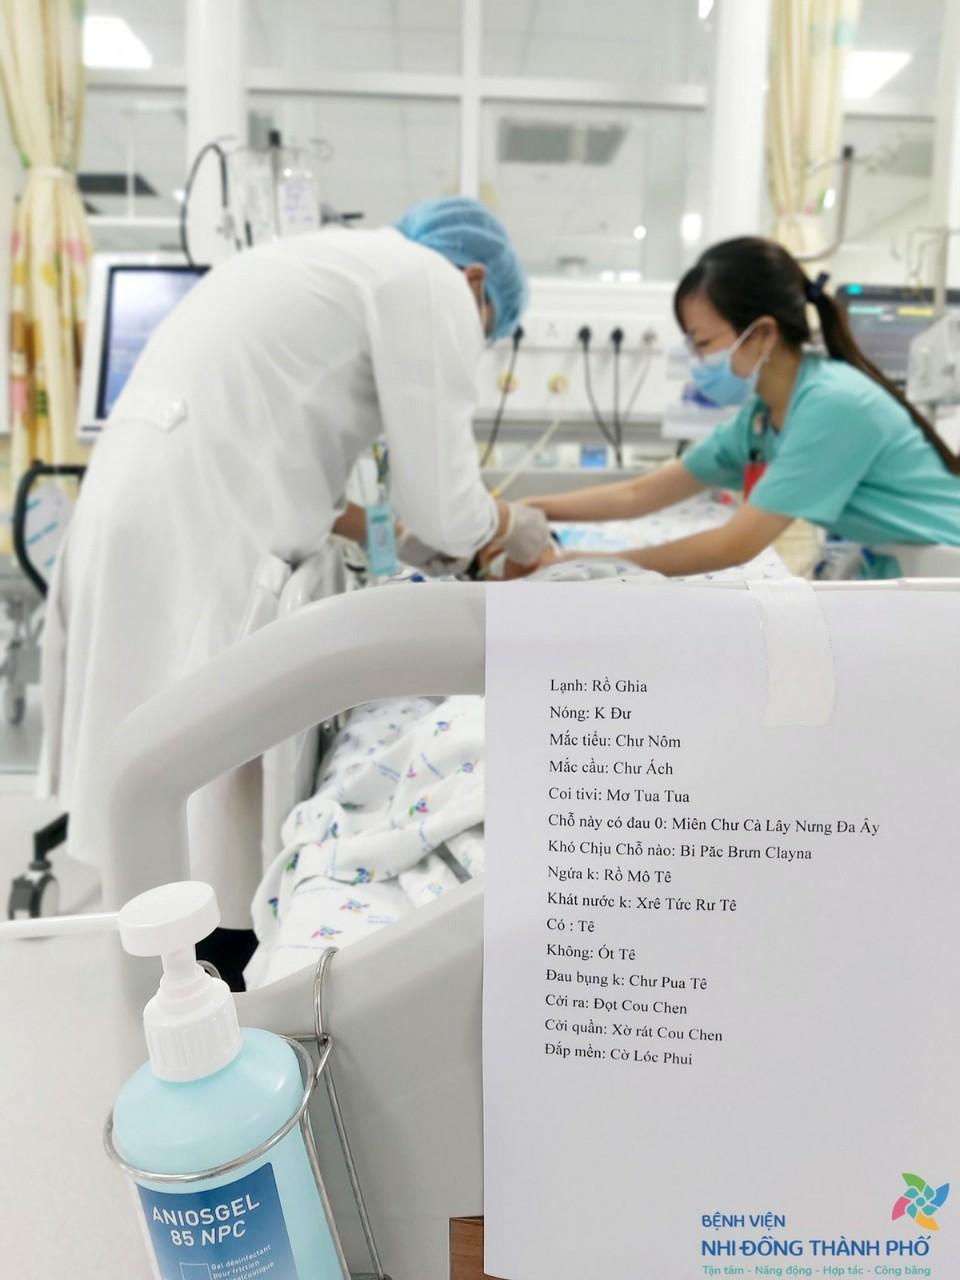 Bác sĩ Luân treo tờ giấy ở đầu giường bệnh nhi, các ê-kíp bác sĩ giao ca thường hướng dẫn nhau đọc cho chuẩn xác để bệnh nhi có thể hiểu được